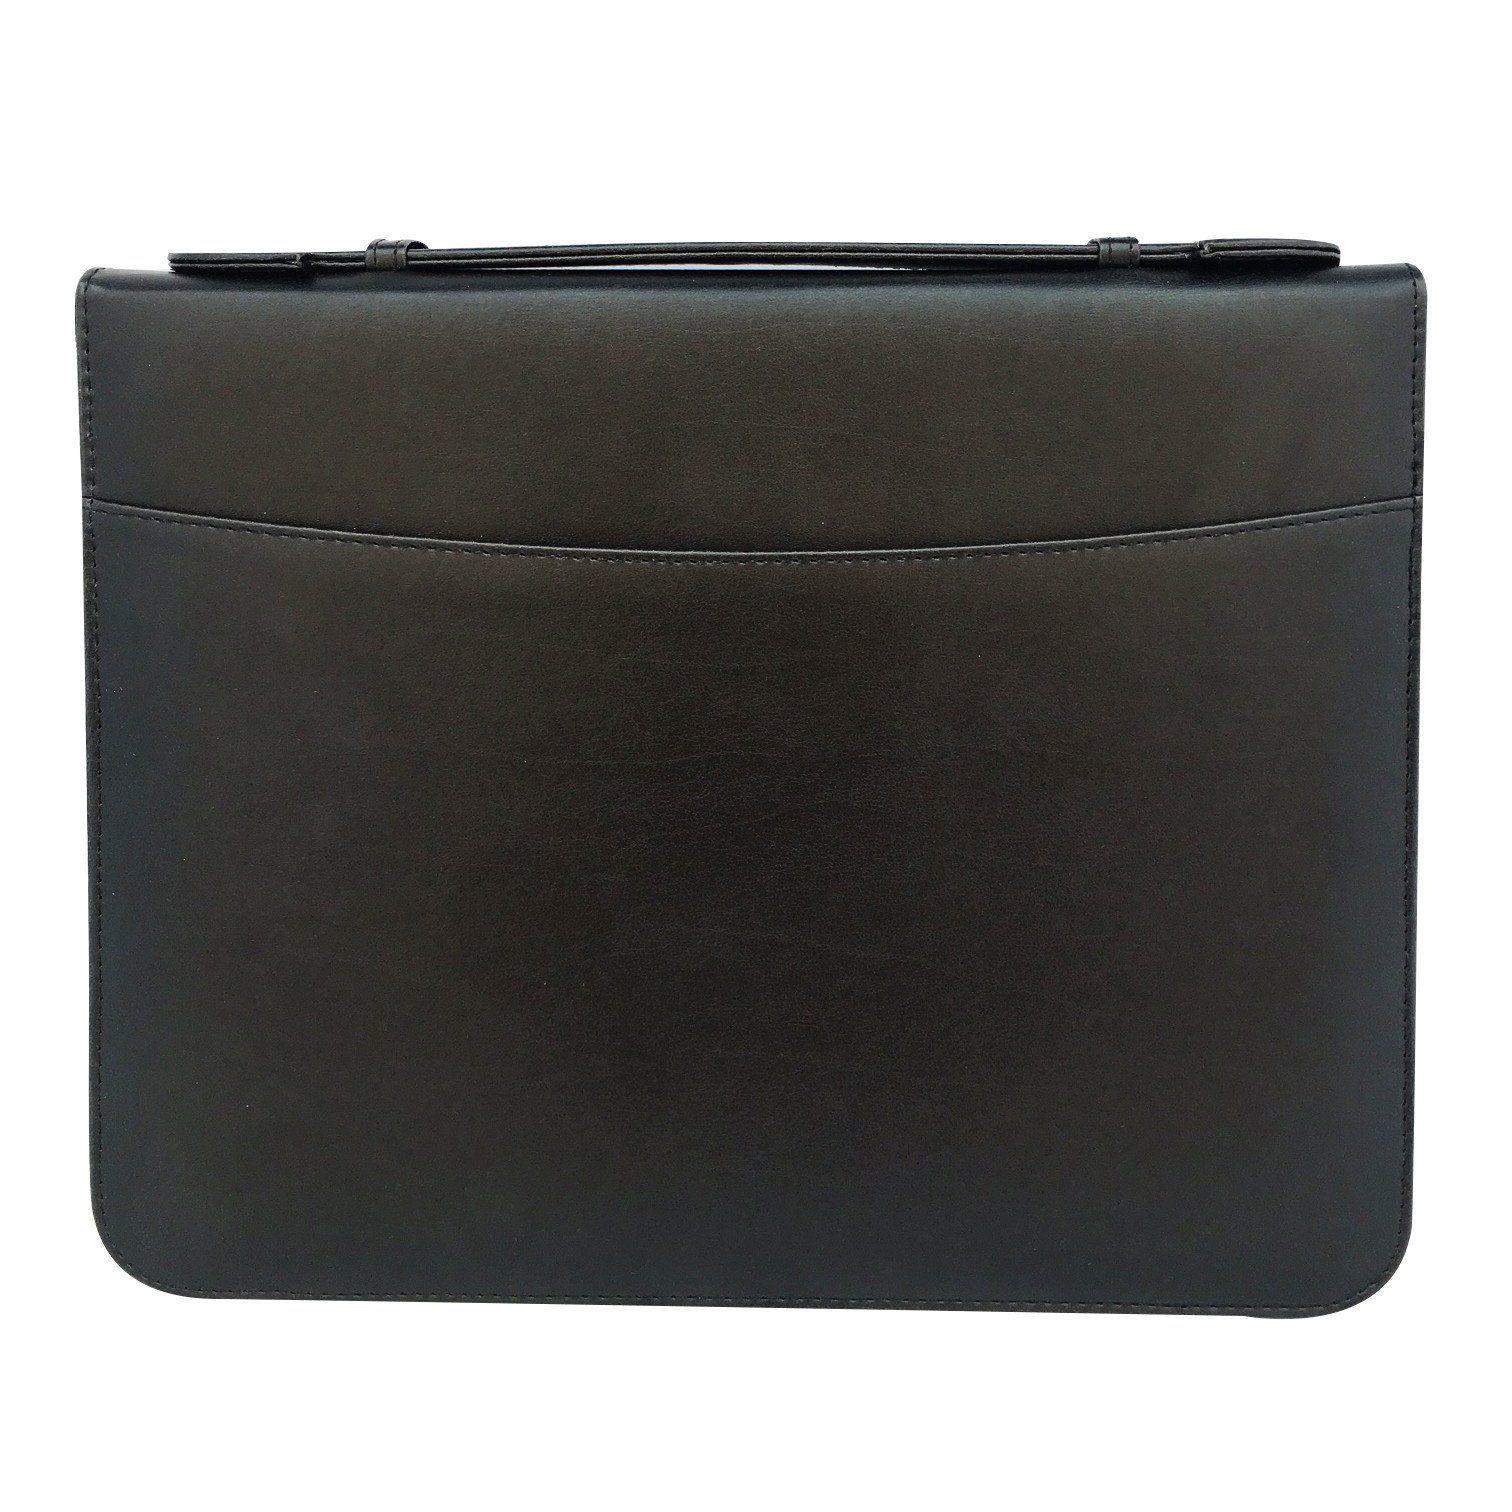 MSP Portfolio Briefcase With Binder Sleeve Pockets, Smart